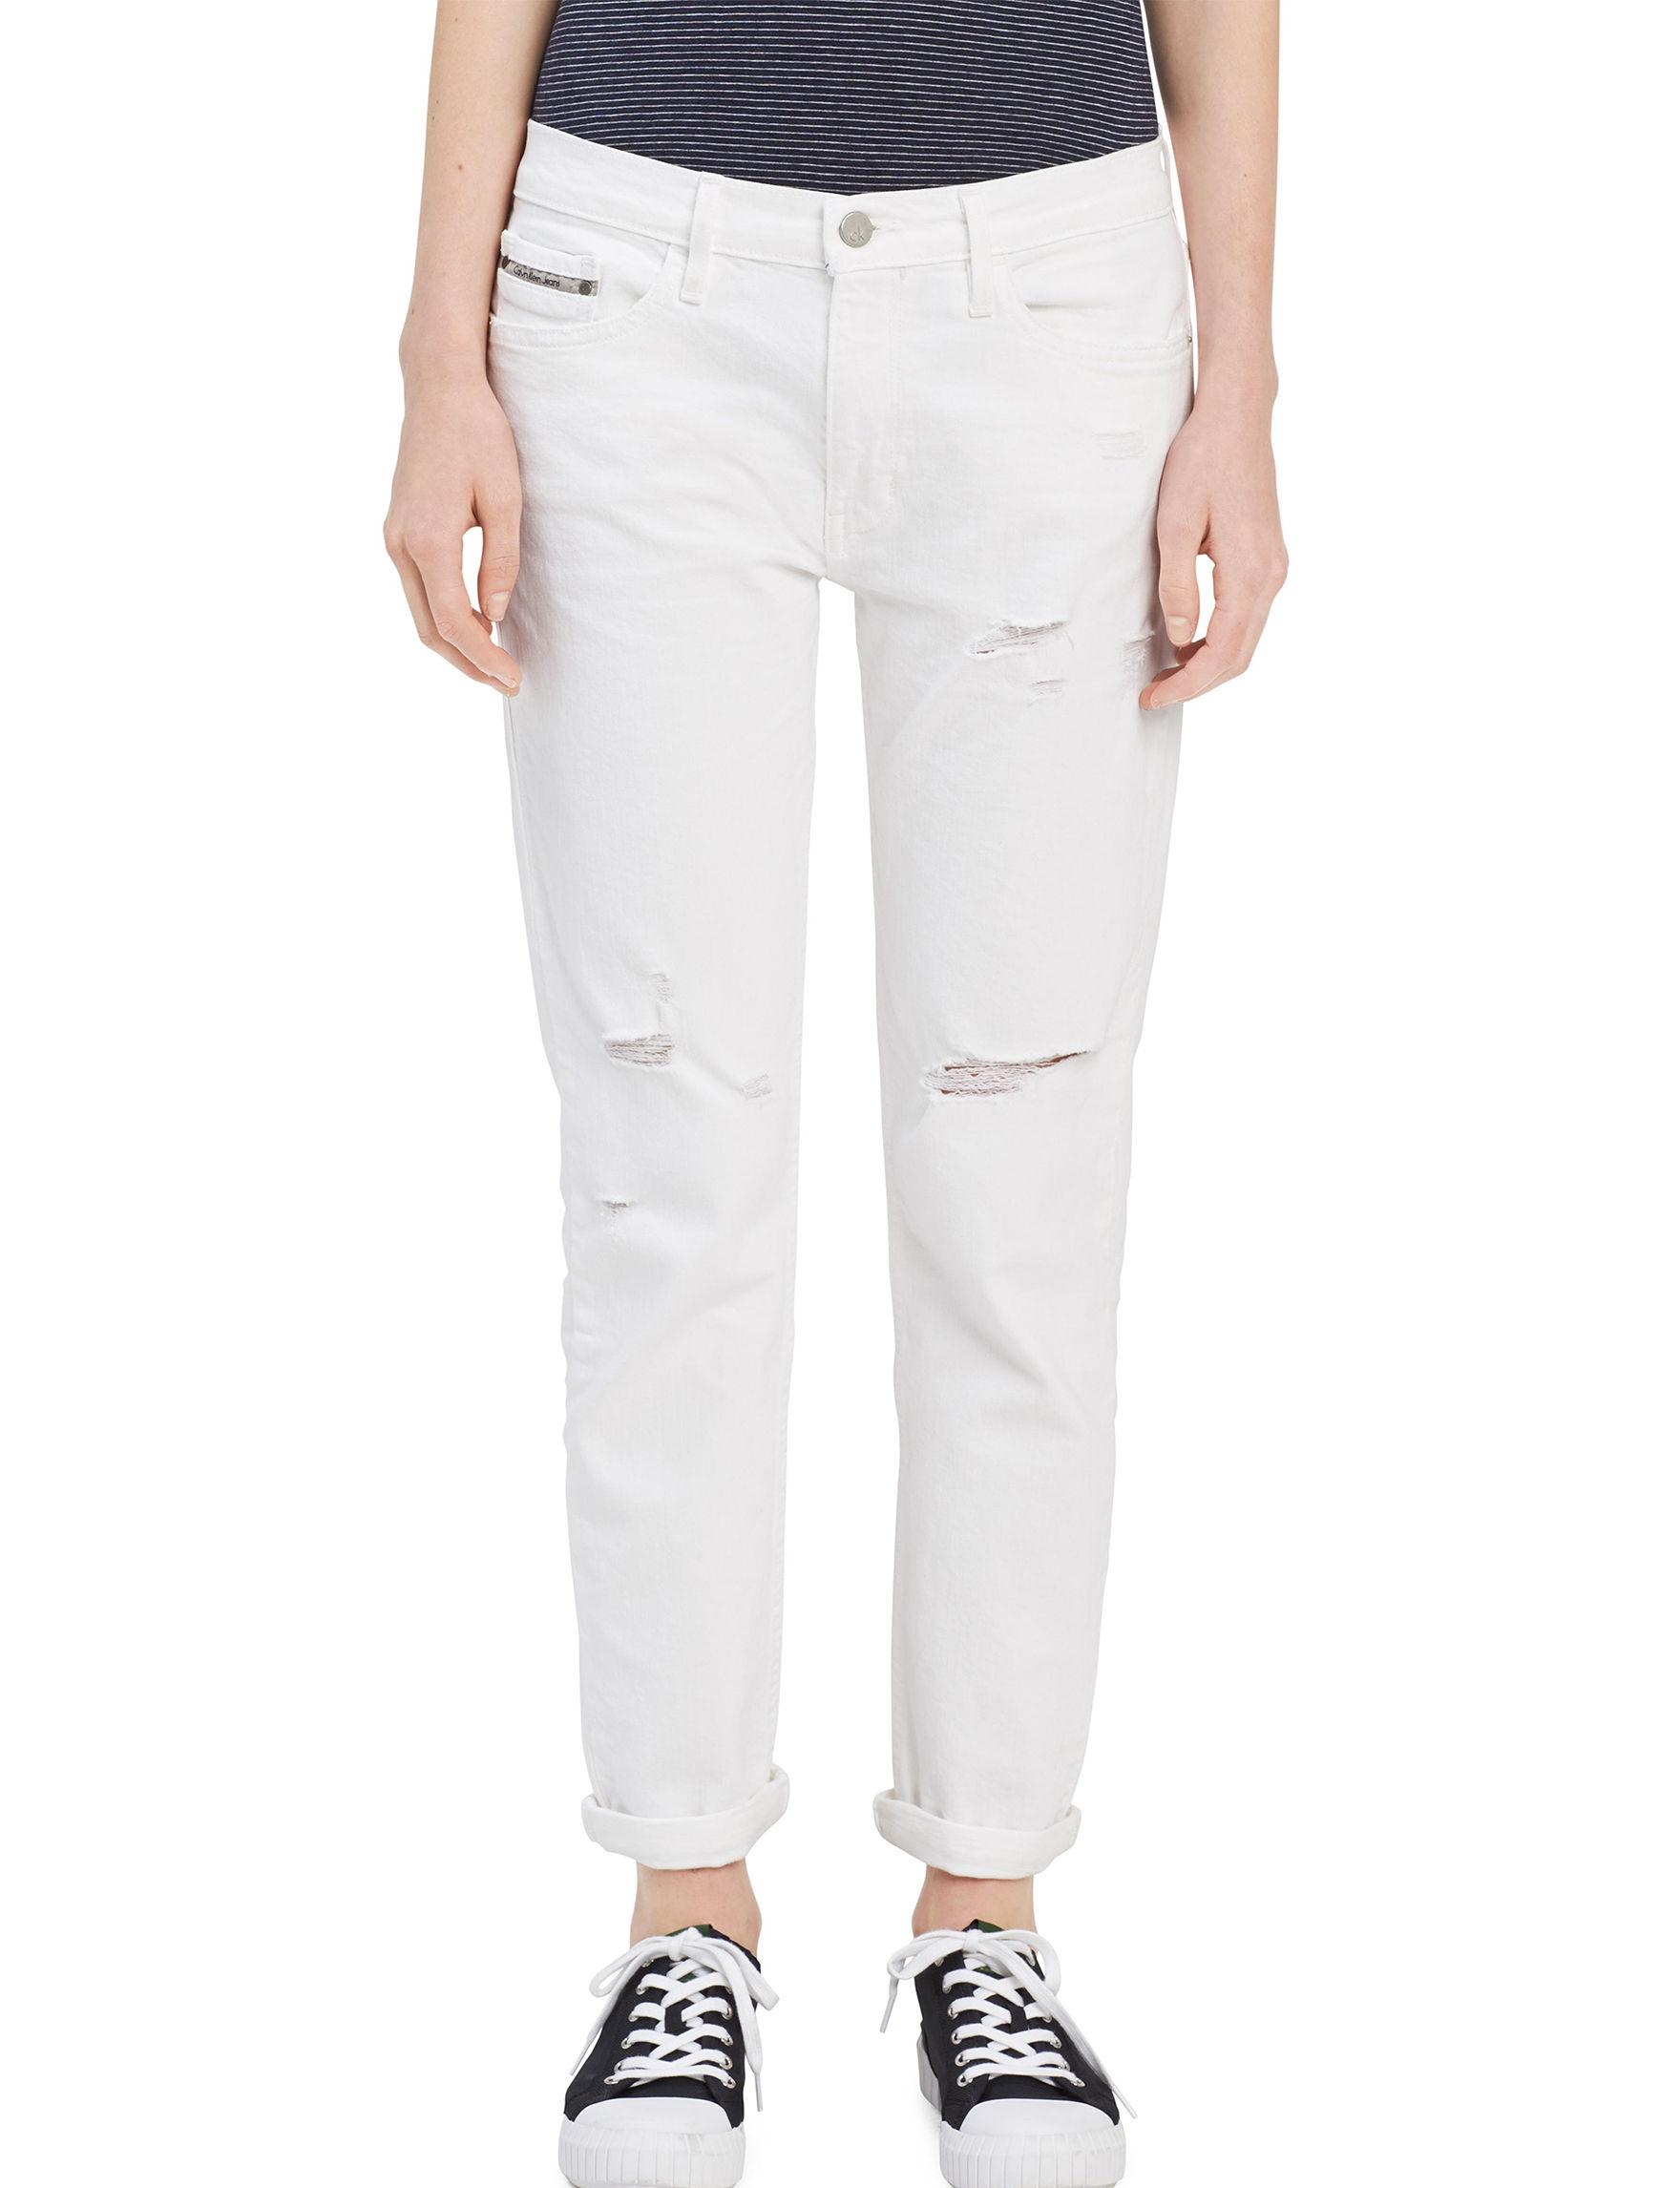 Calvin Klein Jeans White Boyfriend Regular